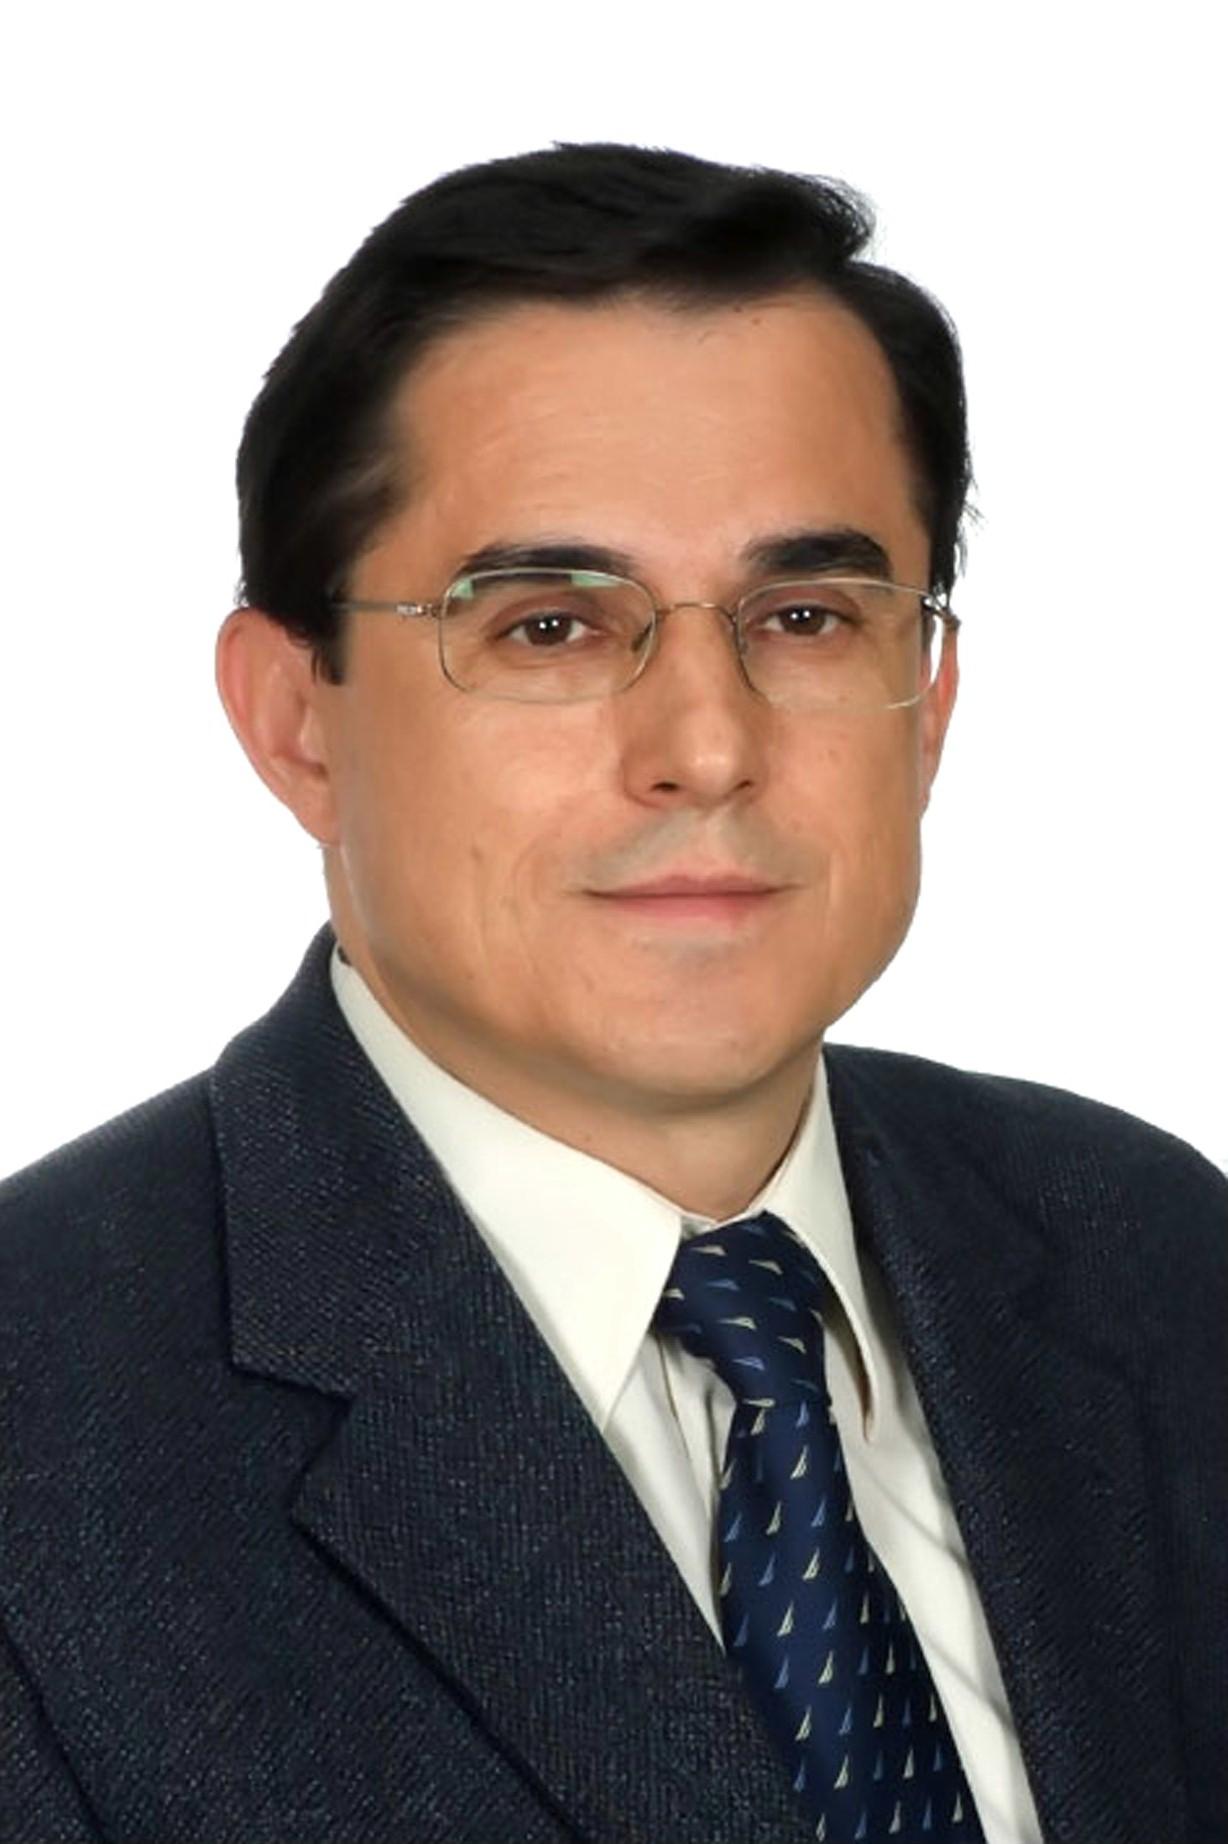 Κωνσταντίνος Στ. Ζιώρης